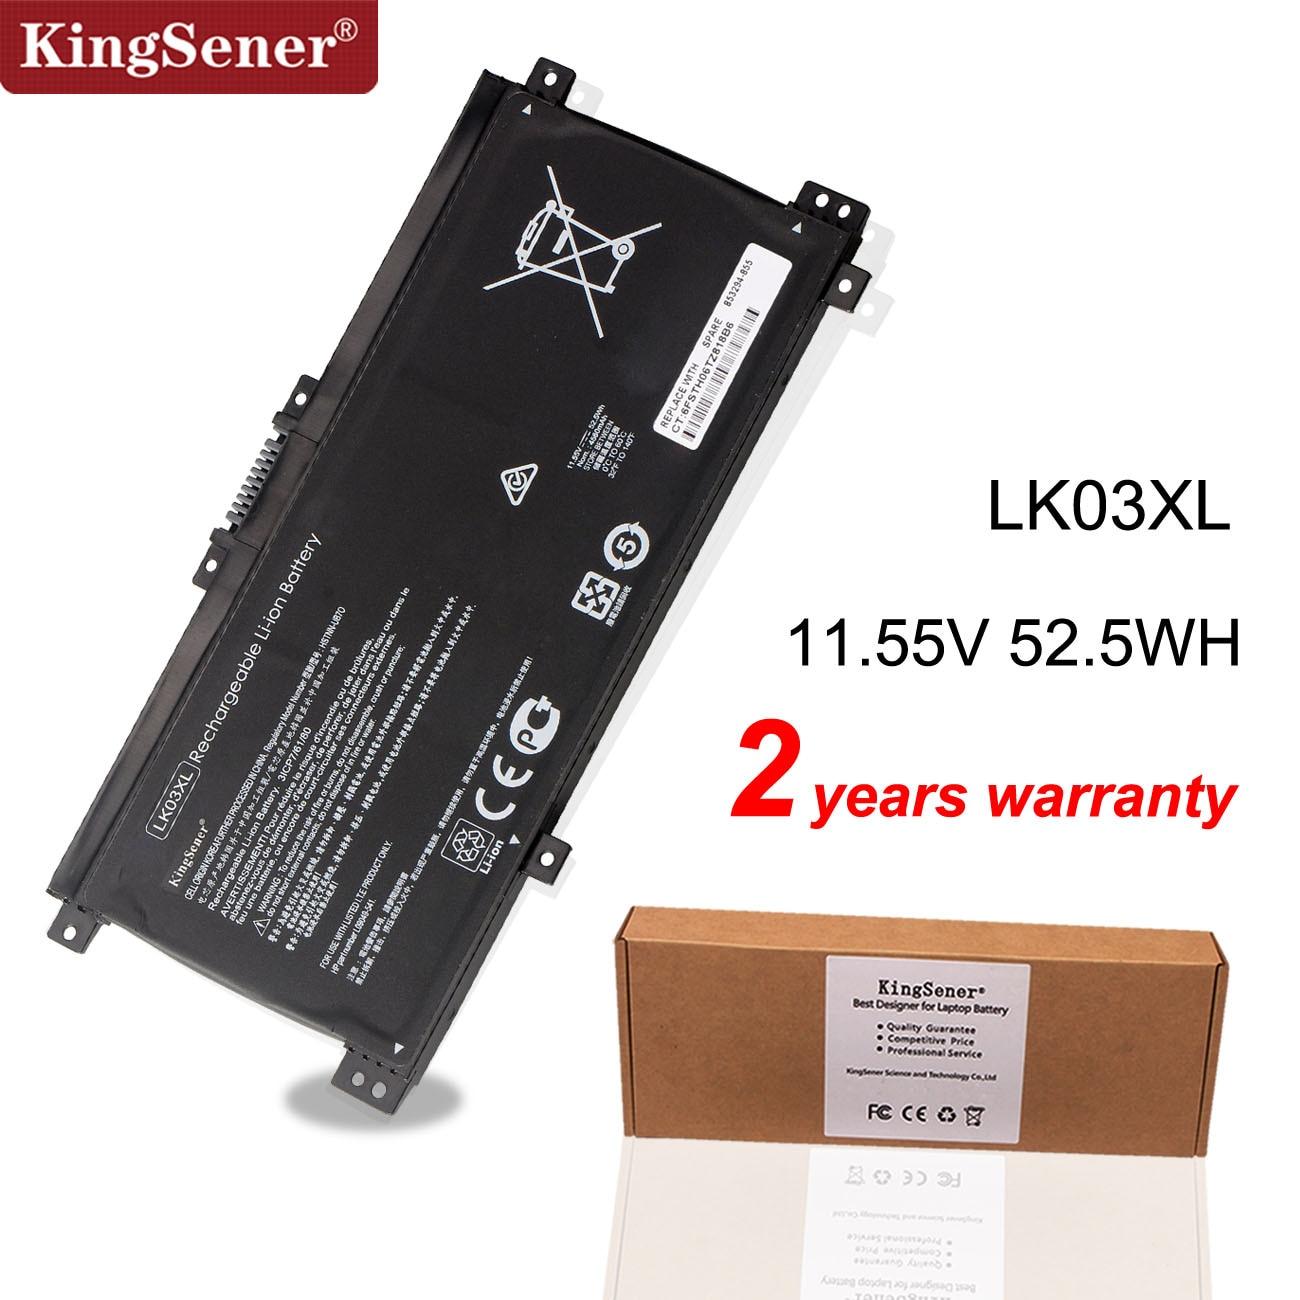 Kingsener LK03XL محمول بطارية لجهاز HP الحسد 15x360 15-bp 15-cn TPN-W127 W128 W129 W134 HSTNN-LB7U HSTNN-UB7I HSTNN-IB8M